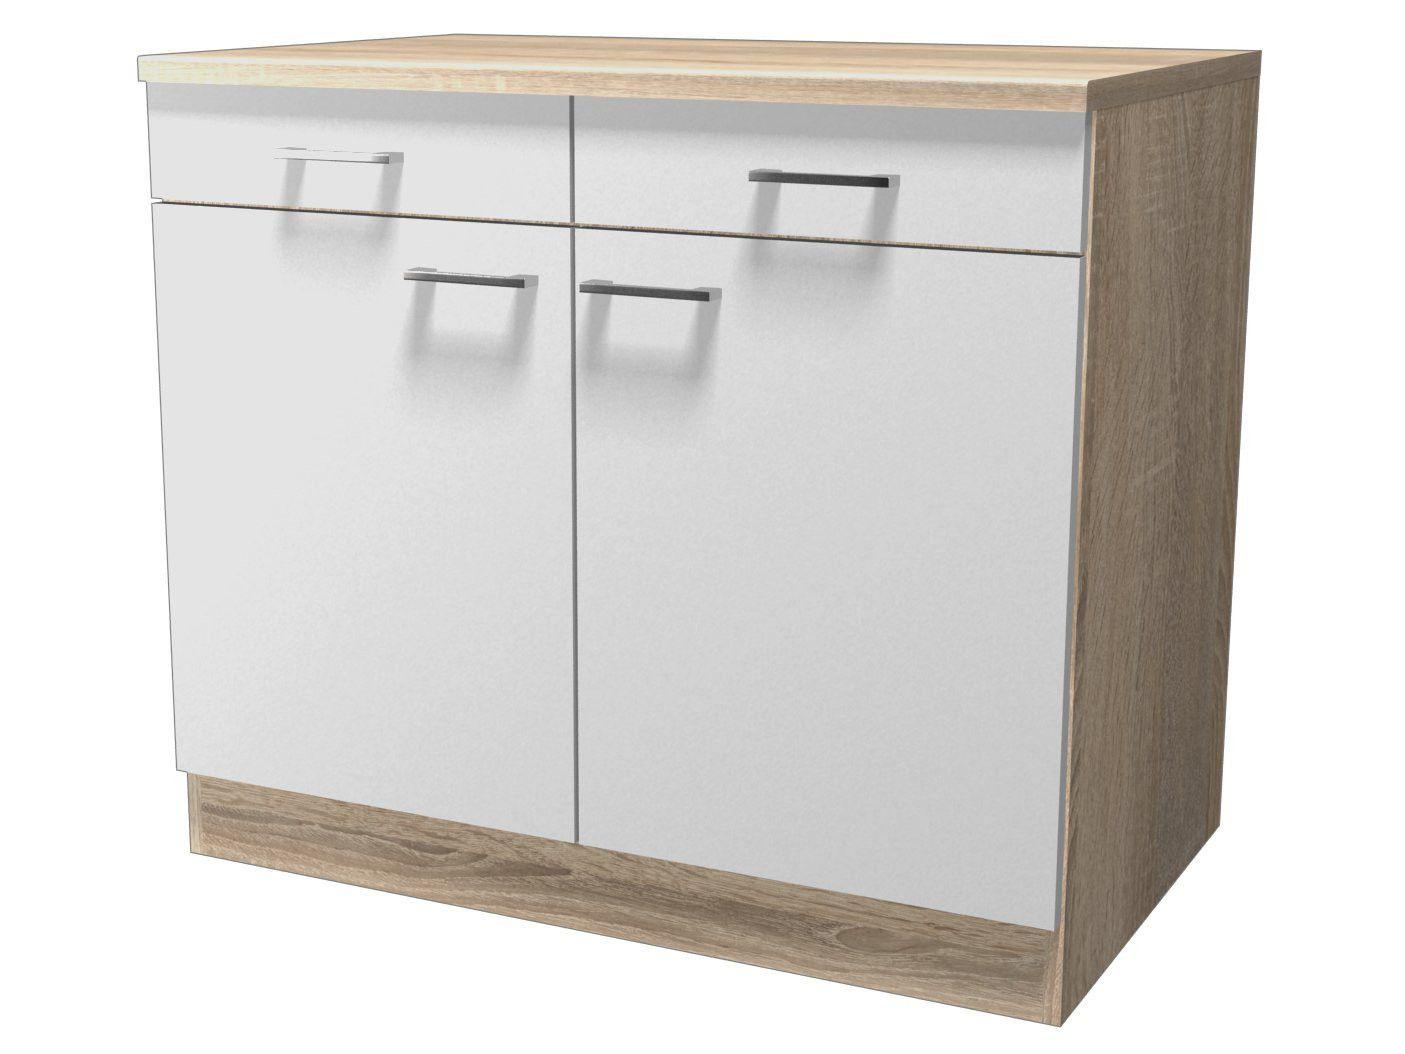 Full Size of Ikea Küche Kosten Sofa Mit Schlaffunktion Schrankküche Modulküche Betten 160x200 Kaufen Miniküche Bei Wohnzimmer Ikea Värde Schrankküche